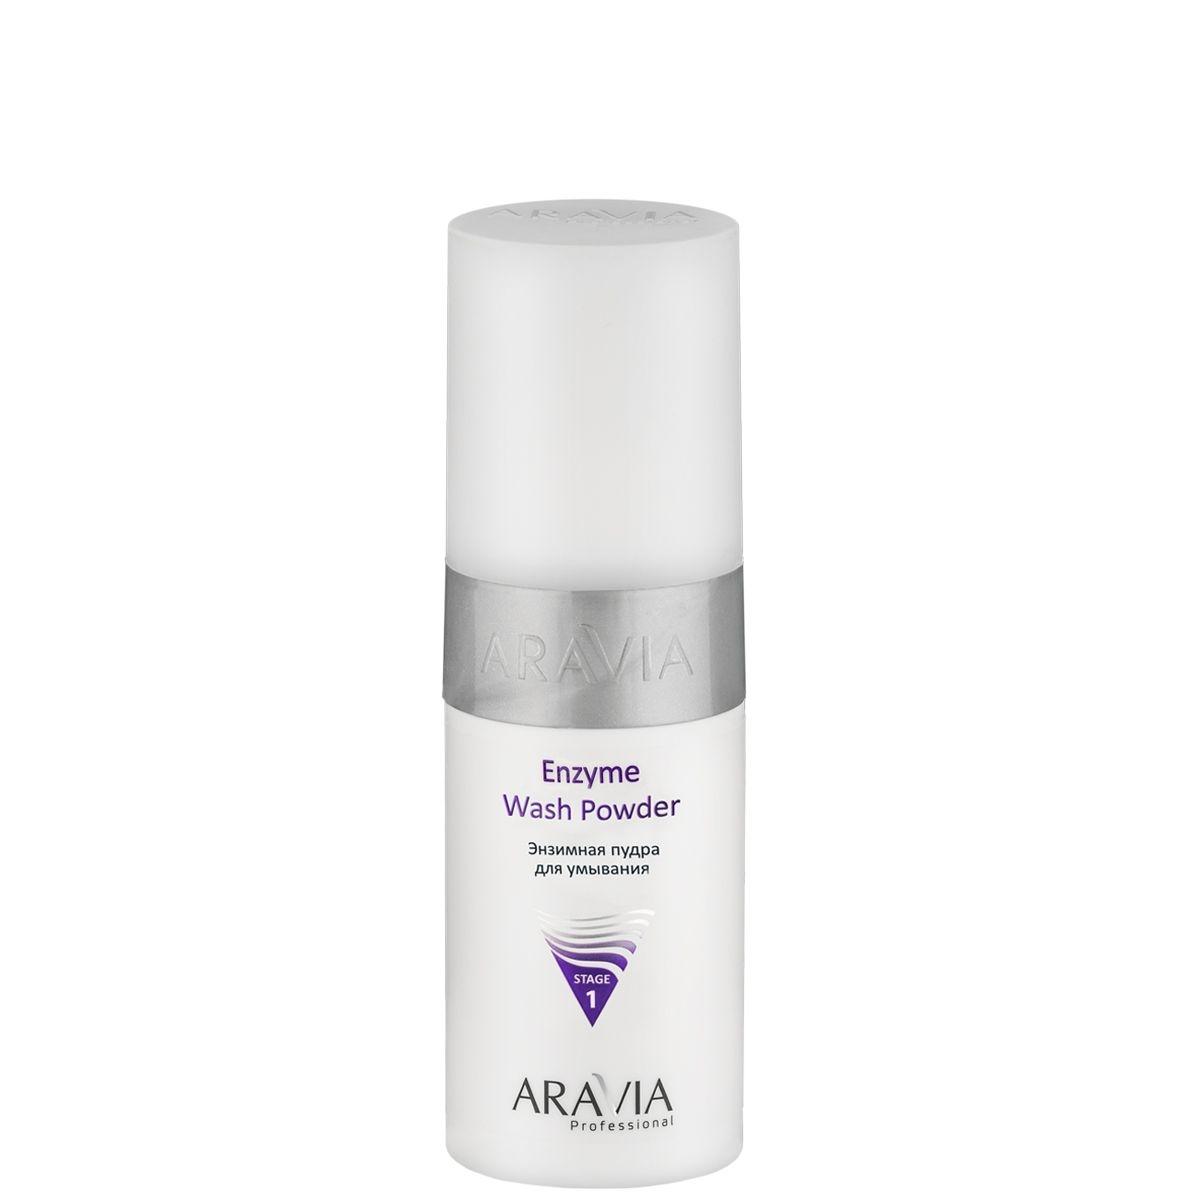 ARAVIA Пудра Enzyme Wash Powder Энзимная для Умывания, 150 мл